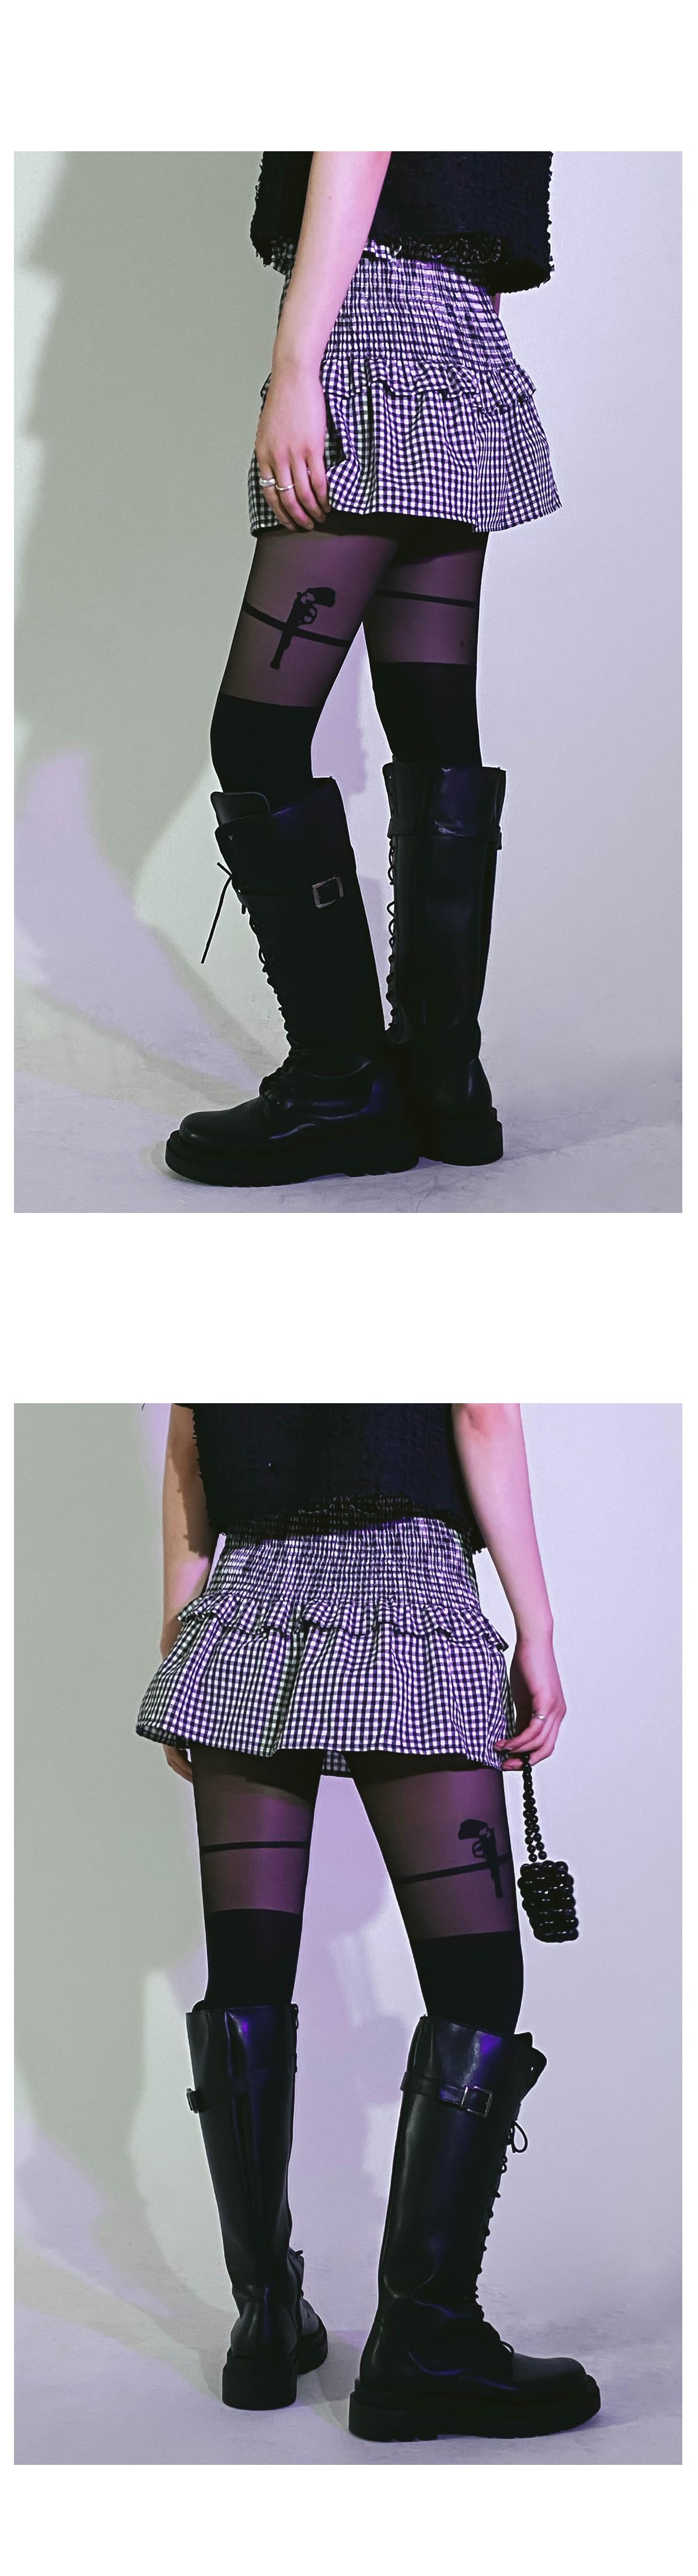 Pistol tights